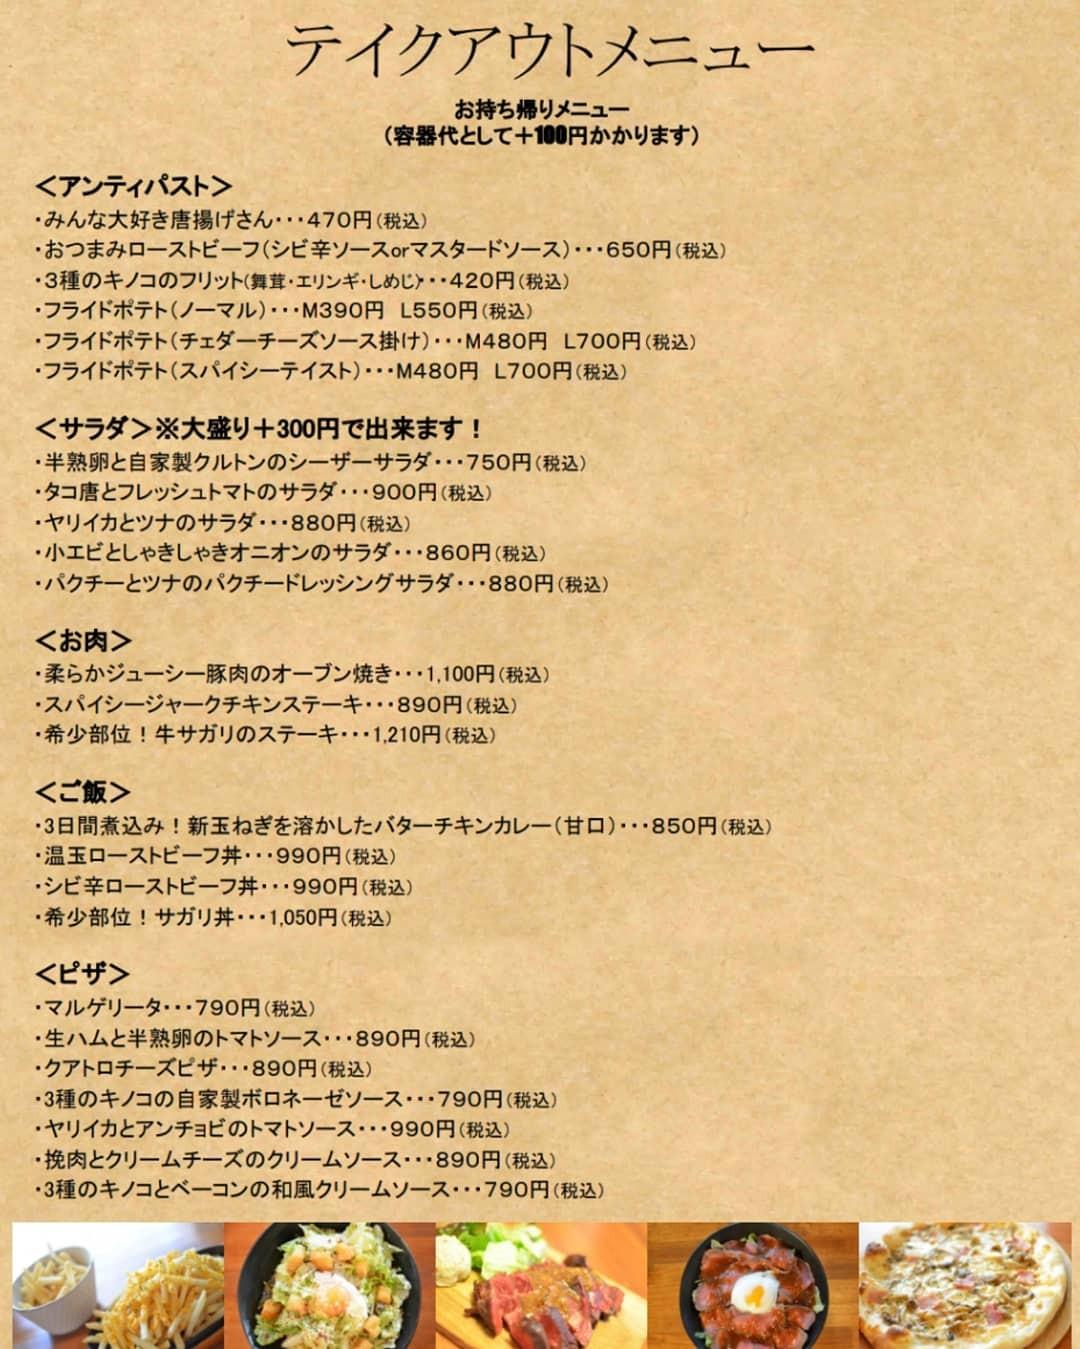 f:id:nari-fight:20200229080530j:image